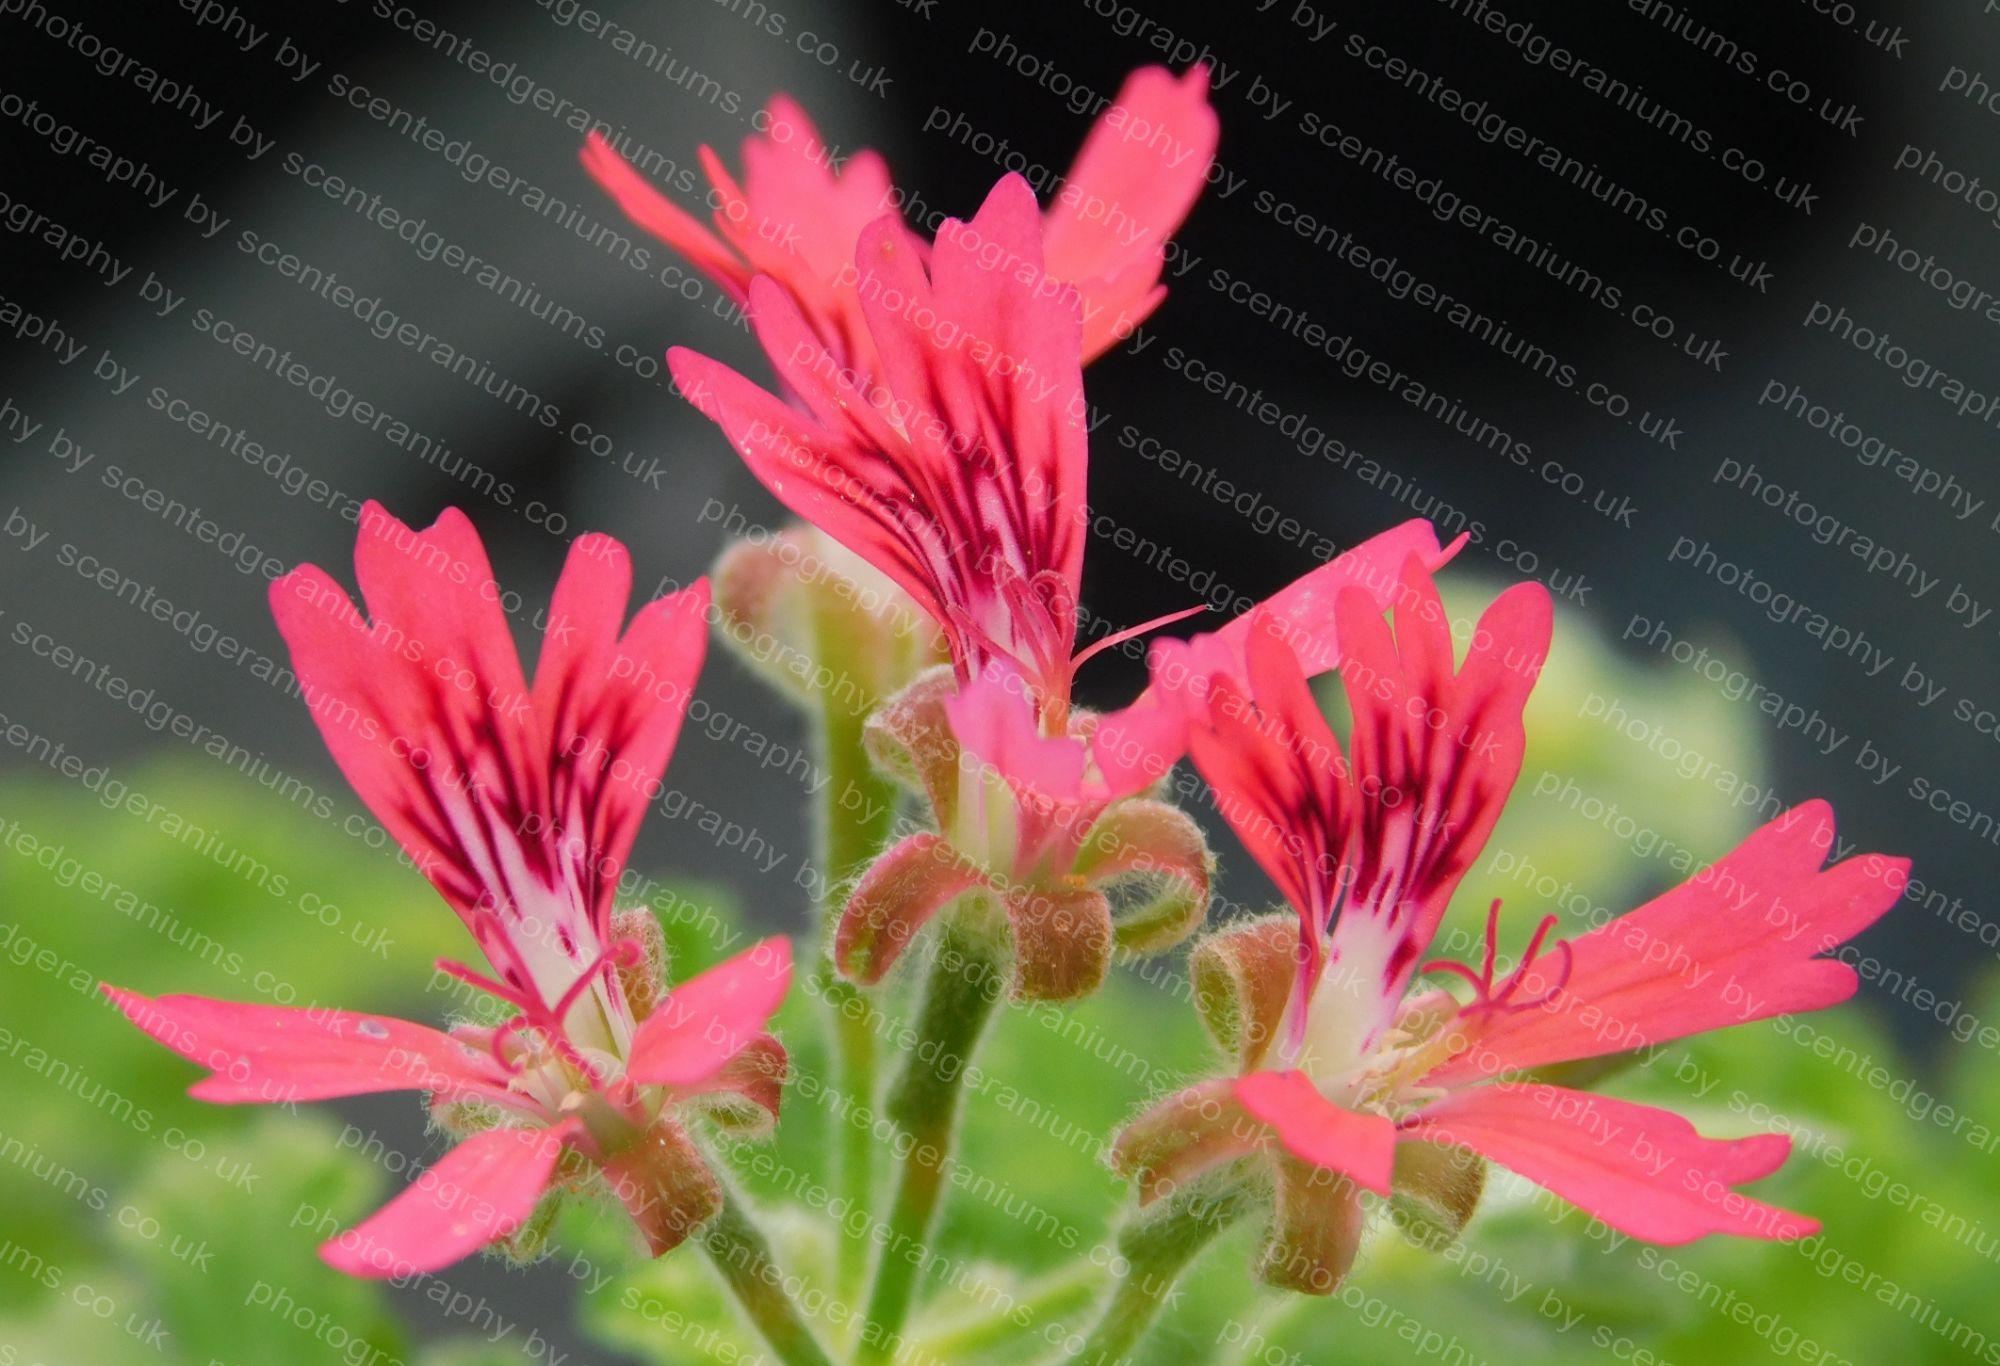 P. concolor lace scentedgeraniums.co.uk